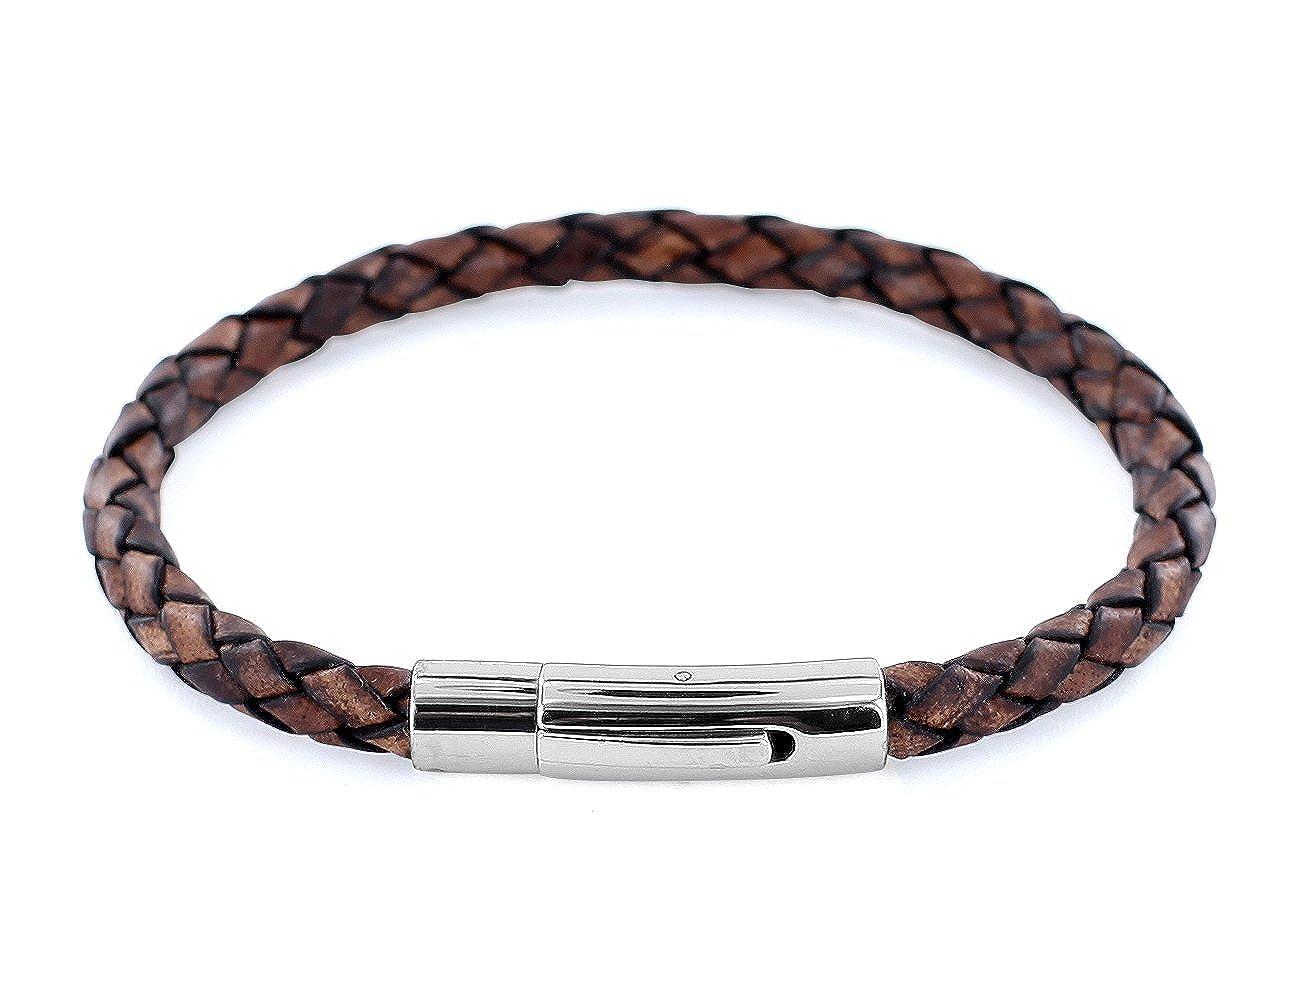 AURORIS Echtleder-Armband geflochten 5mm mit Hebeldruckverschluss aus Edelstahl Farbe: antik-braun 4250995619374